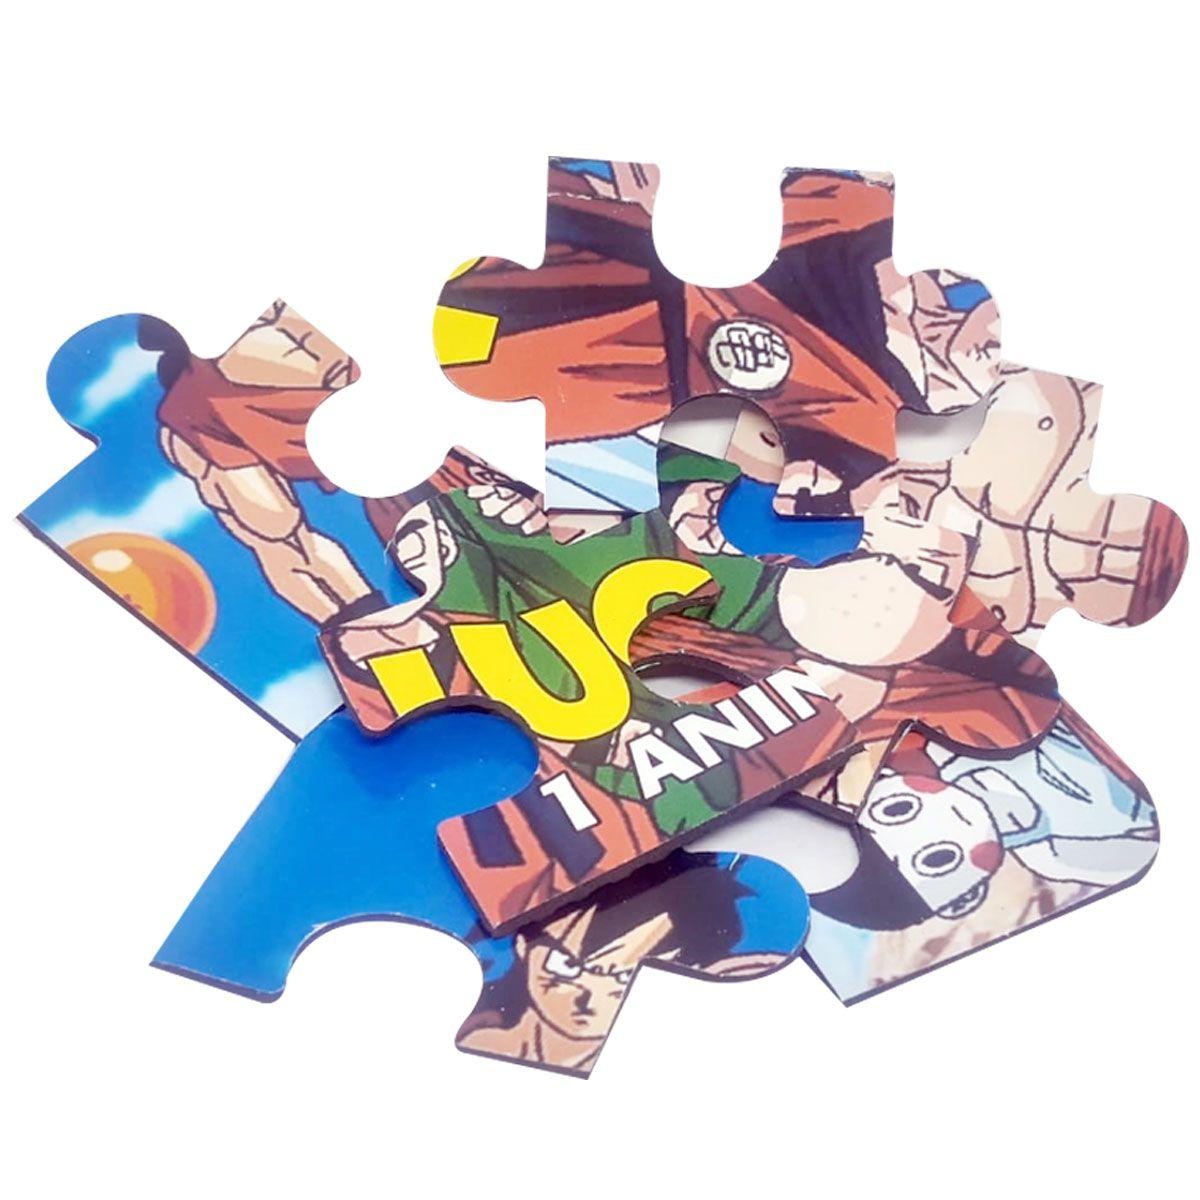 10x Quebra Cabeças com Lapela - Pacote com 10 unidades